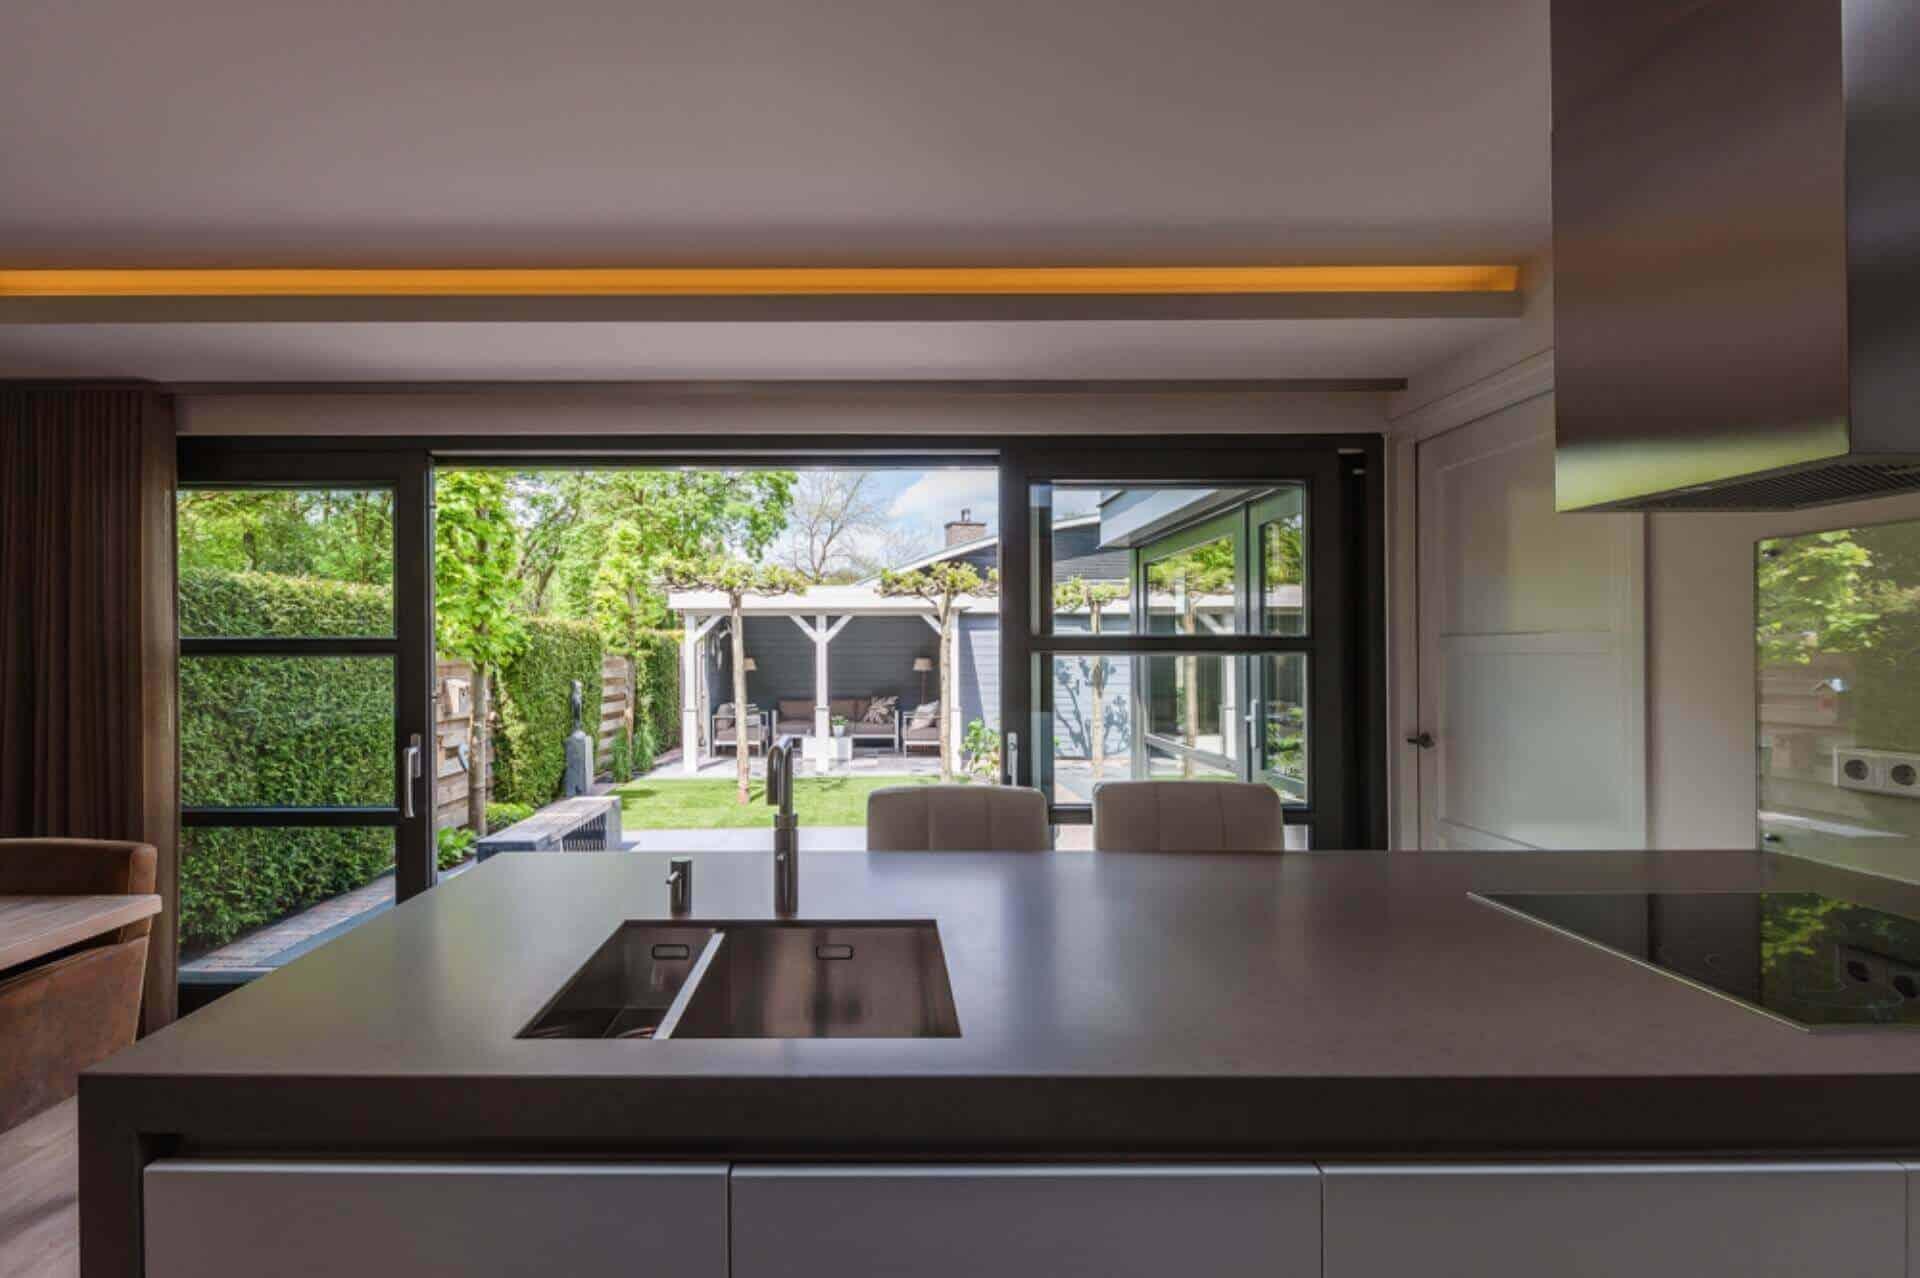 interieurarchitect Stan van den Wildenberg ontwerpt keuken met indirecte verlichting